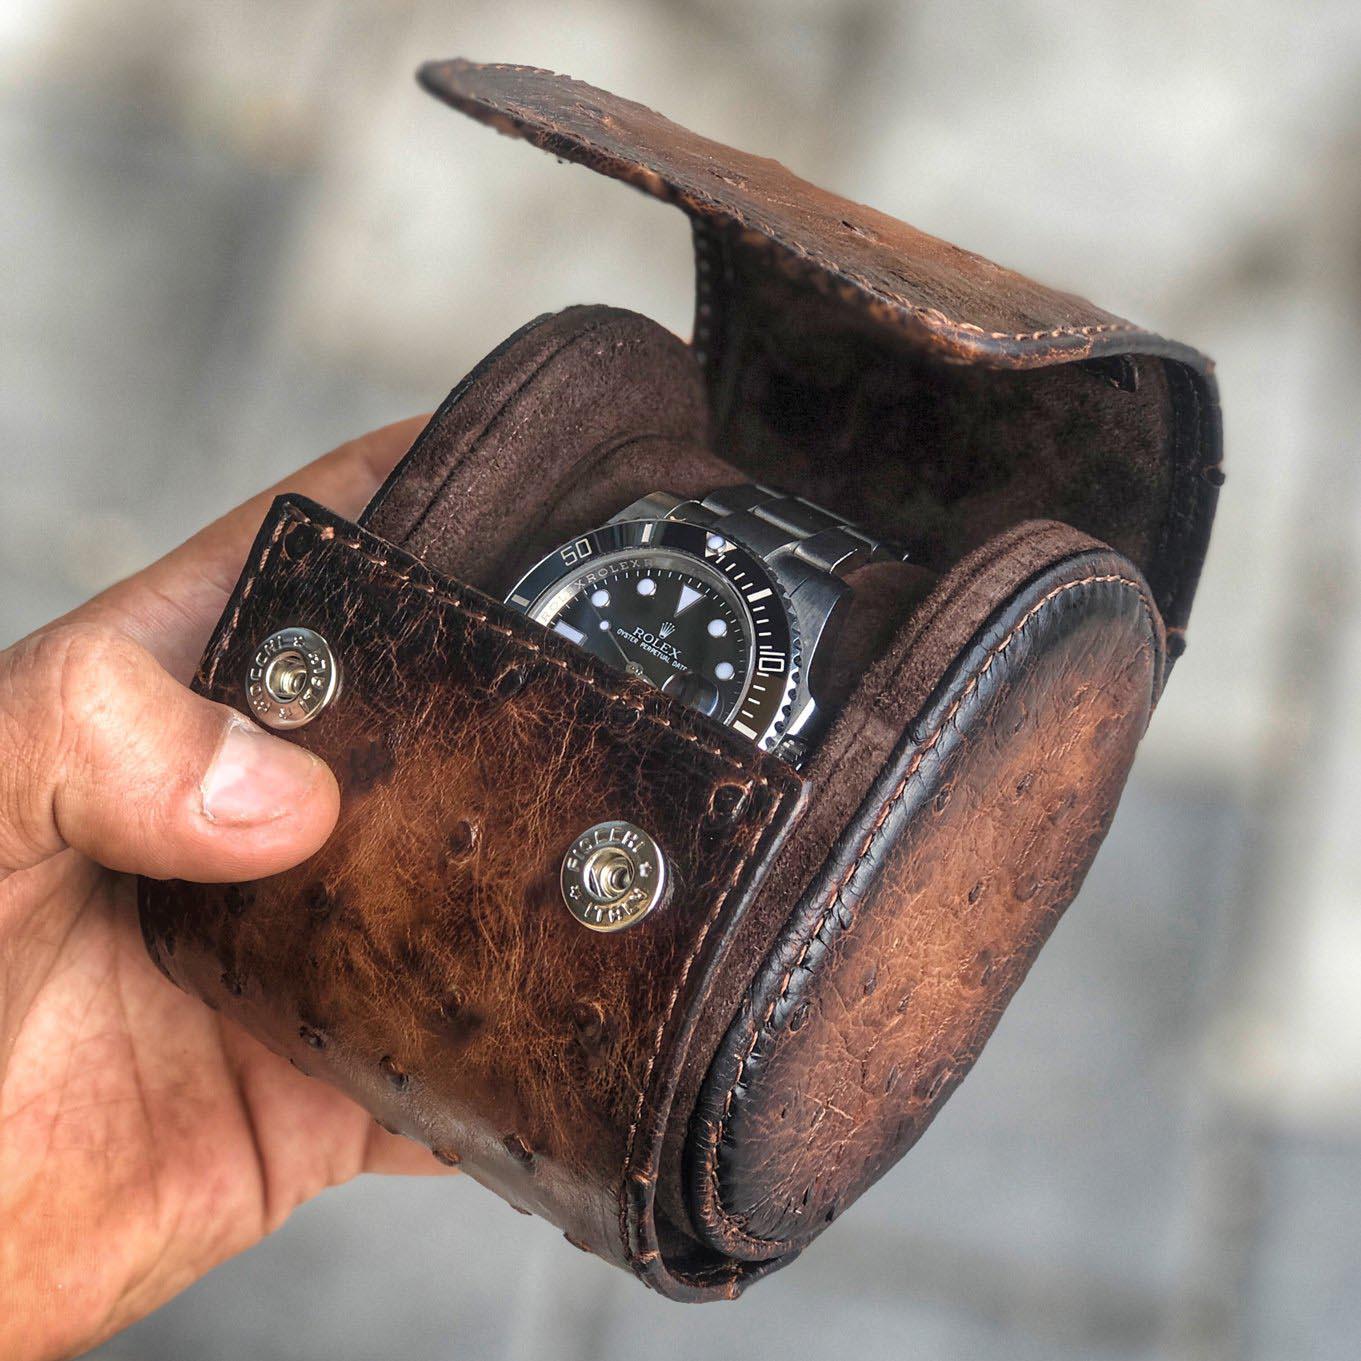 Uhrenrolle aus Straußenleder für eine Uhr